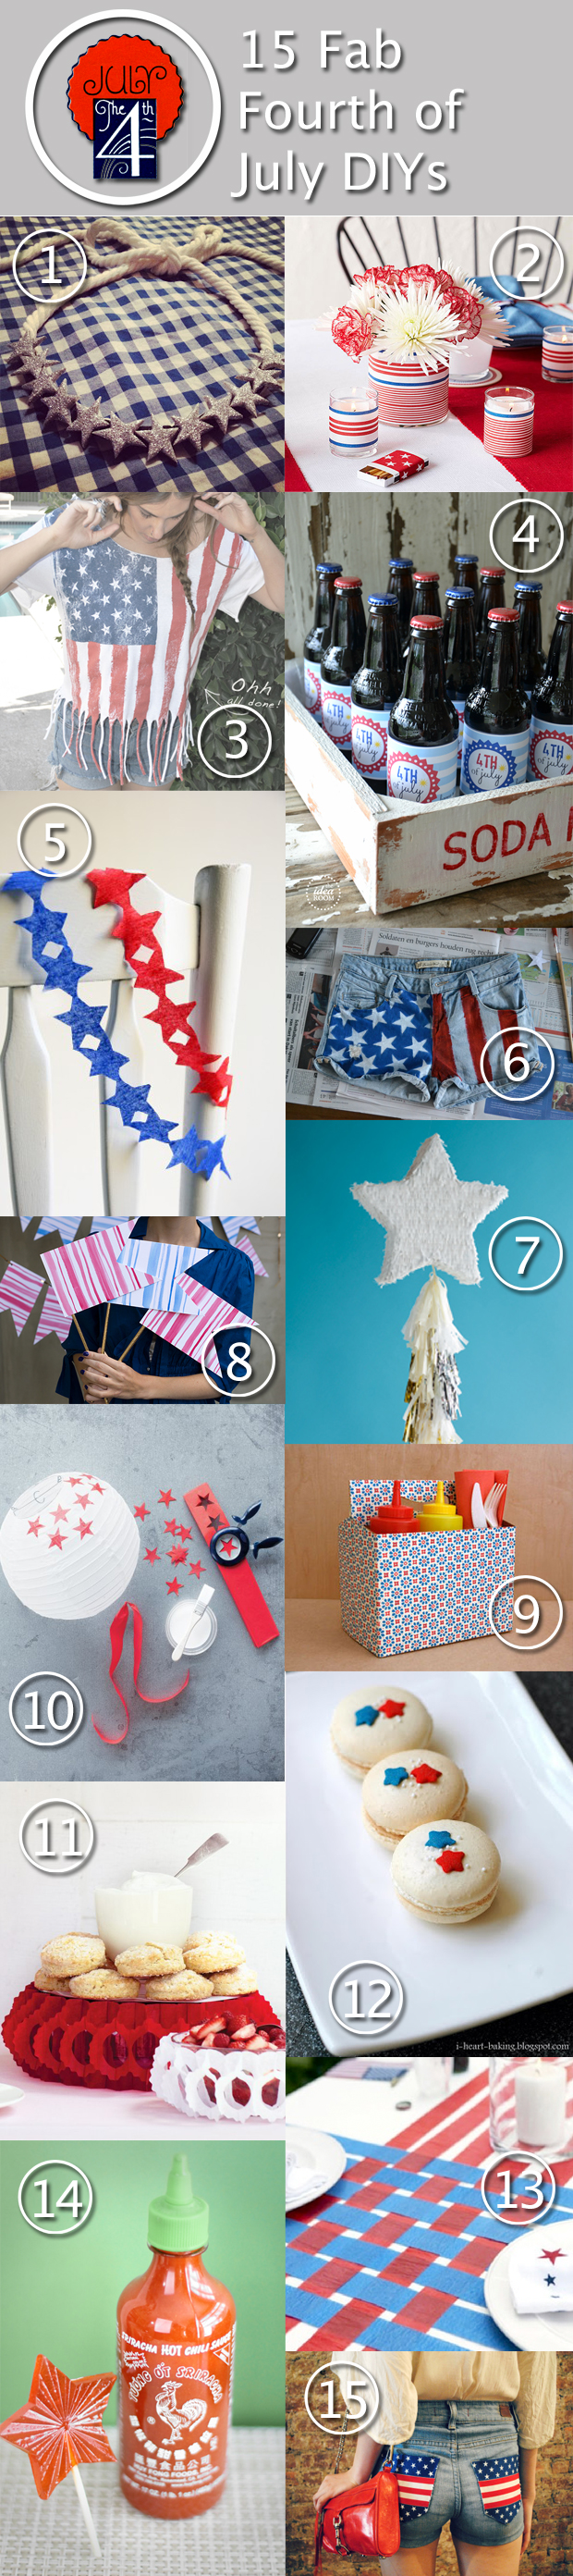 15 Fab Fourth of July DIYs - HandsOccupied.com